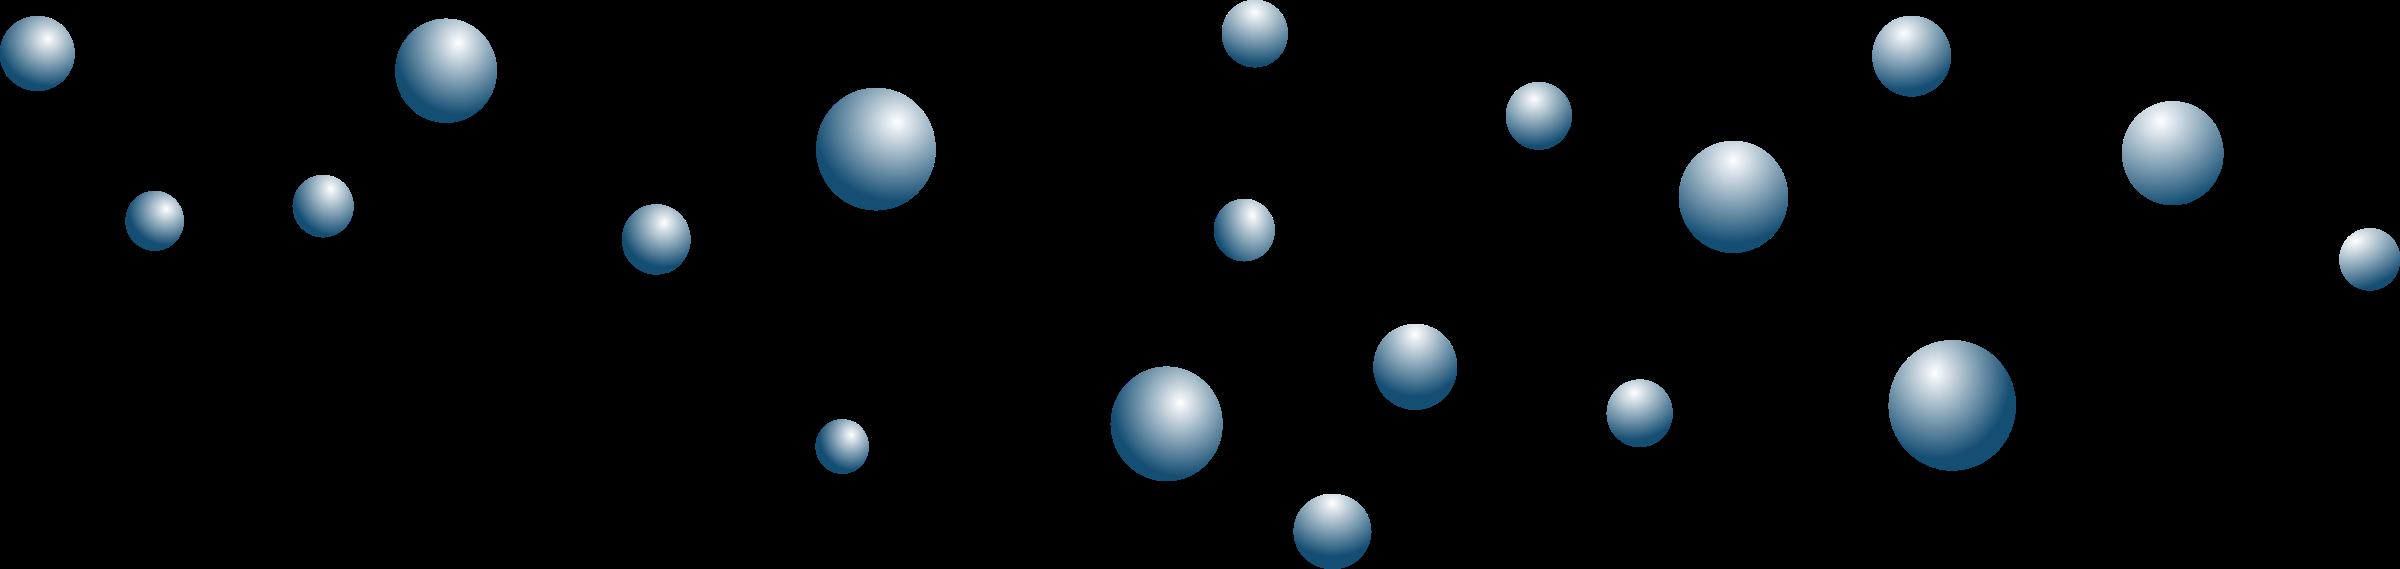 Ocean clipart bubbles. Big image png